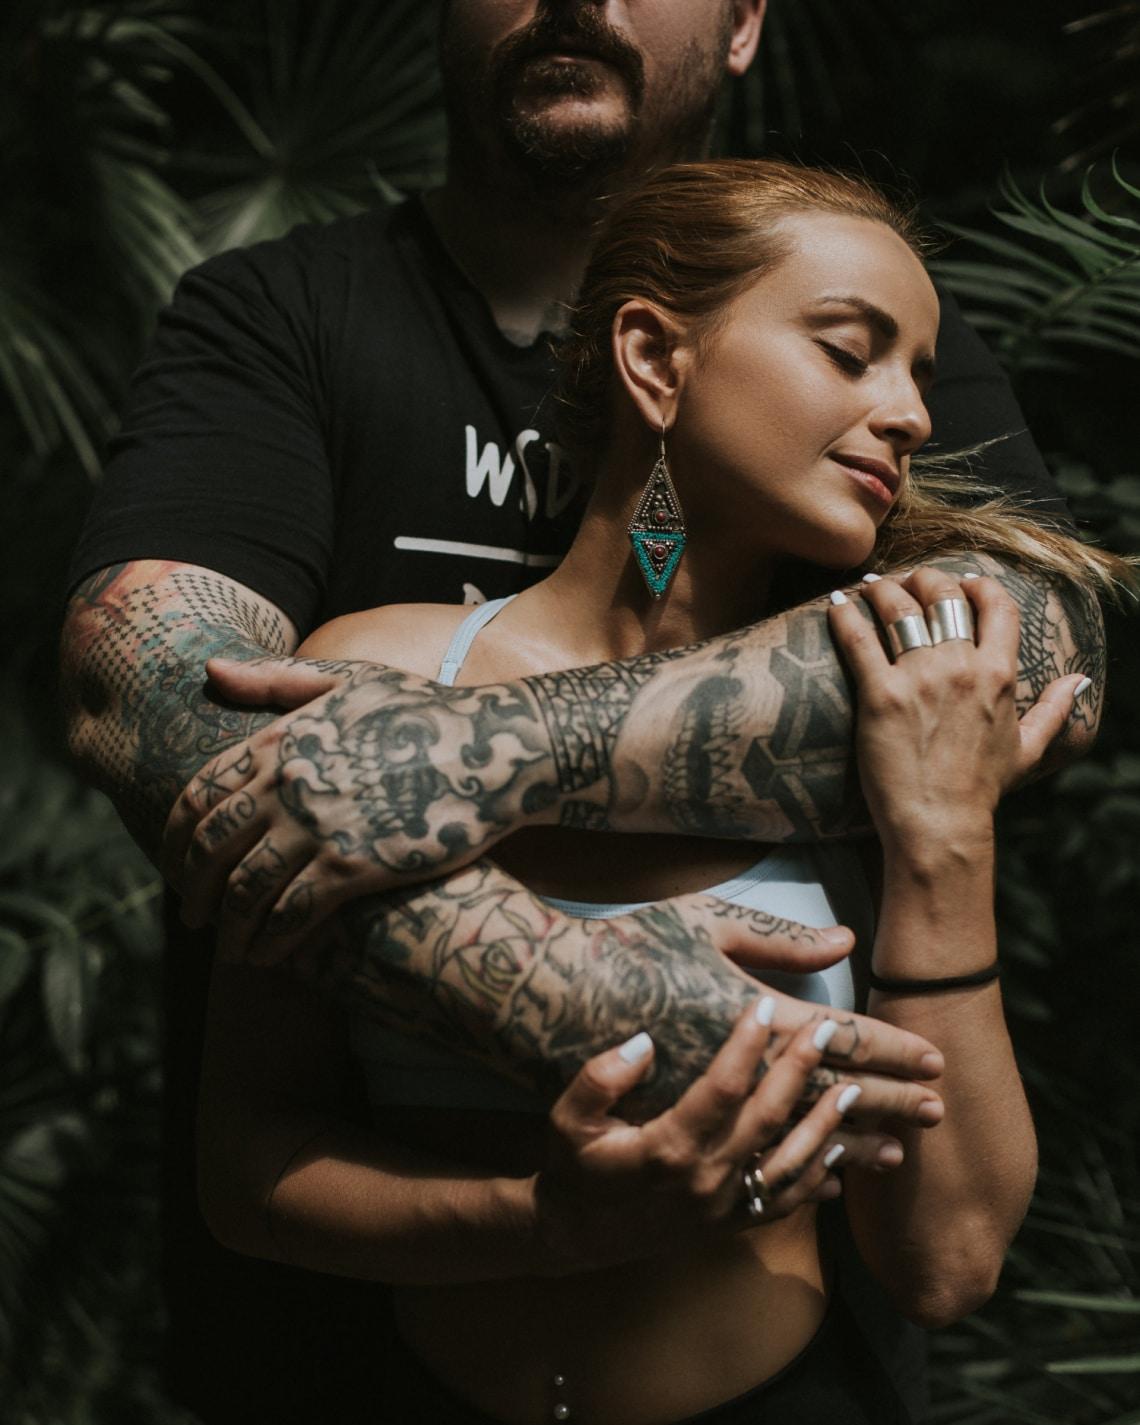 kutatási tetovált ember)